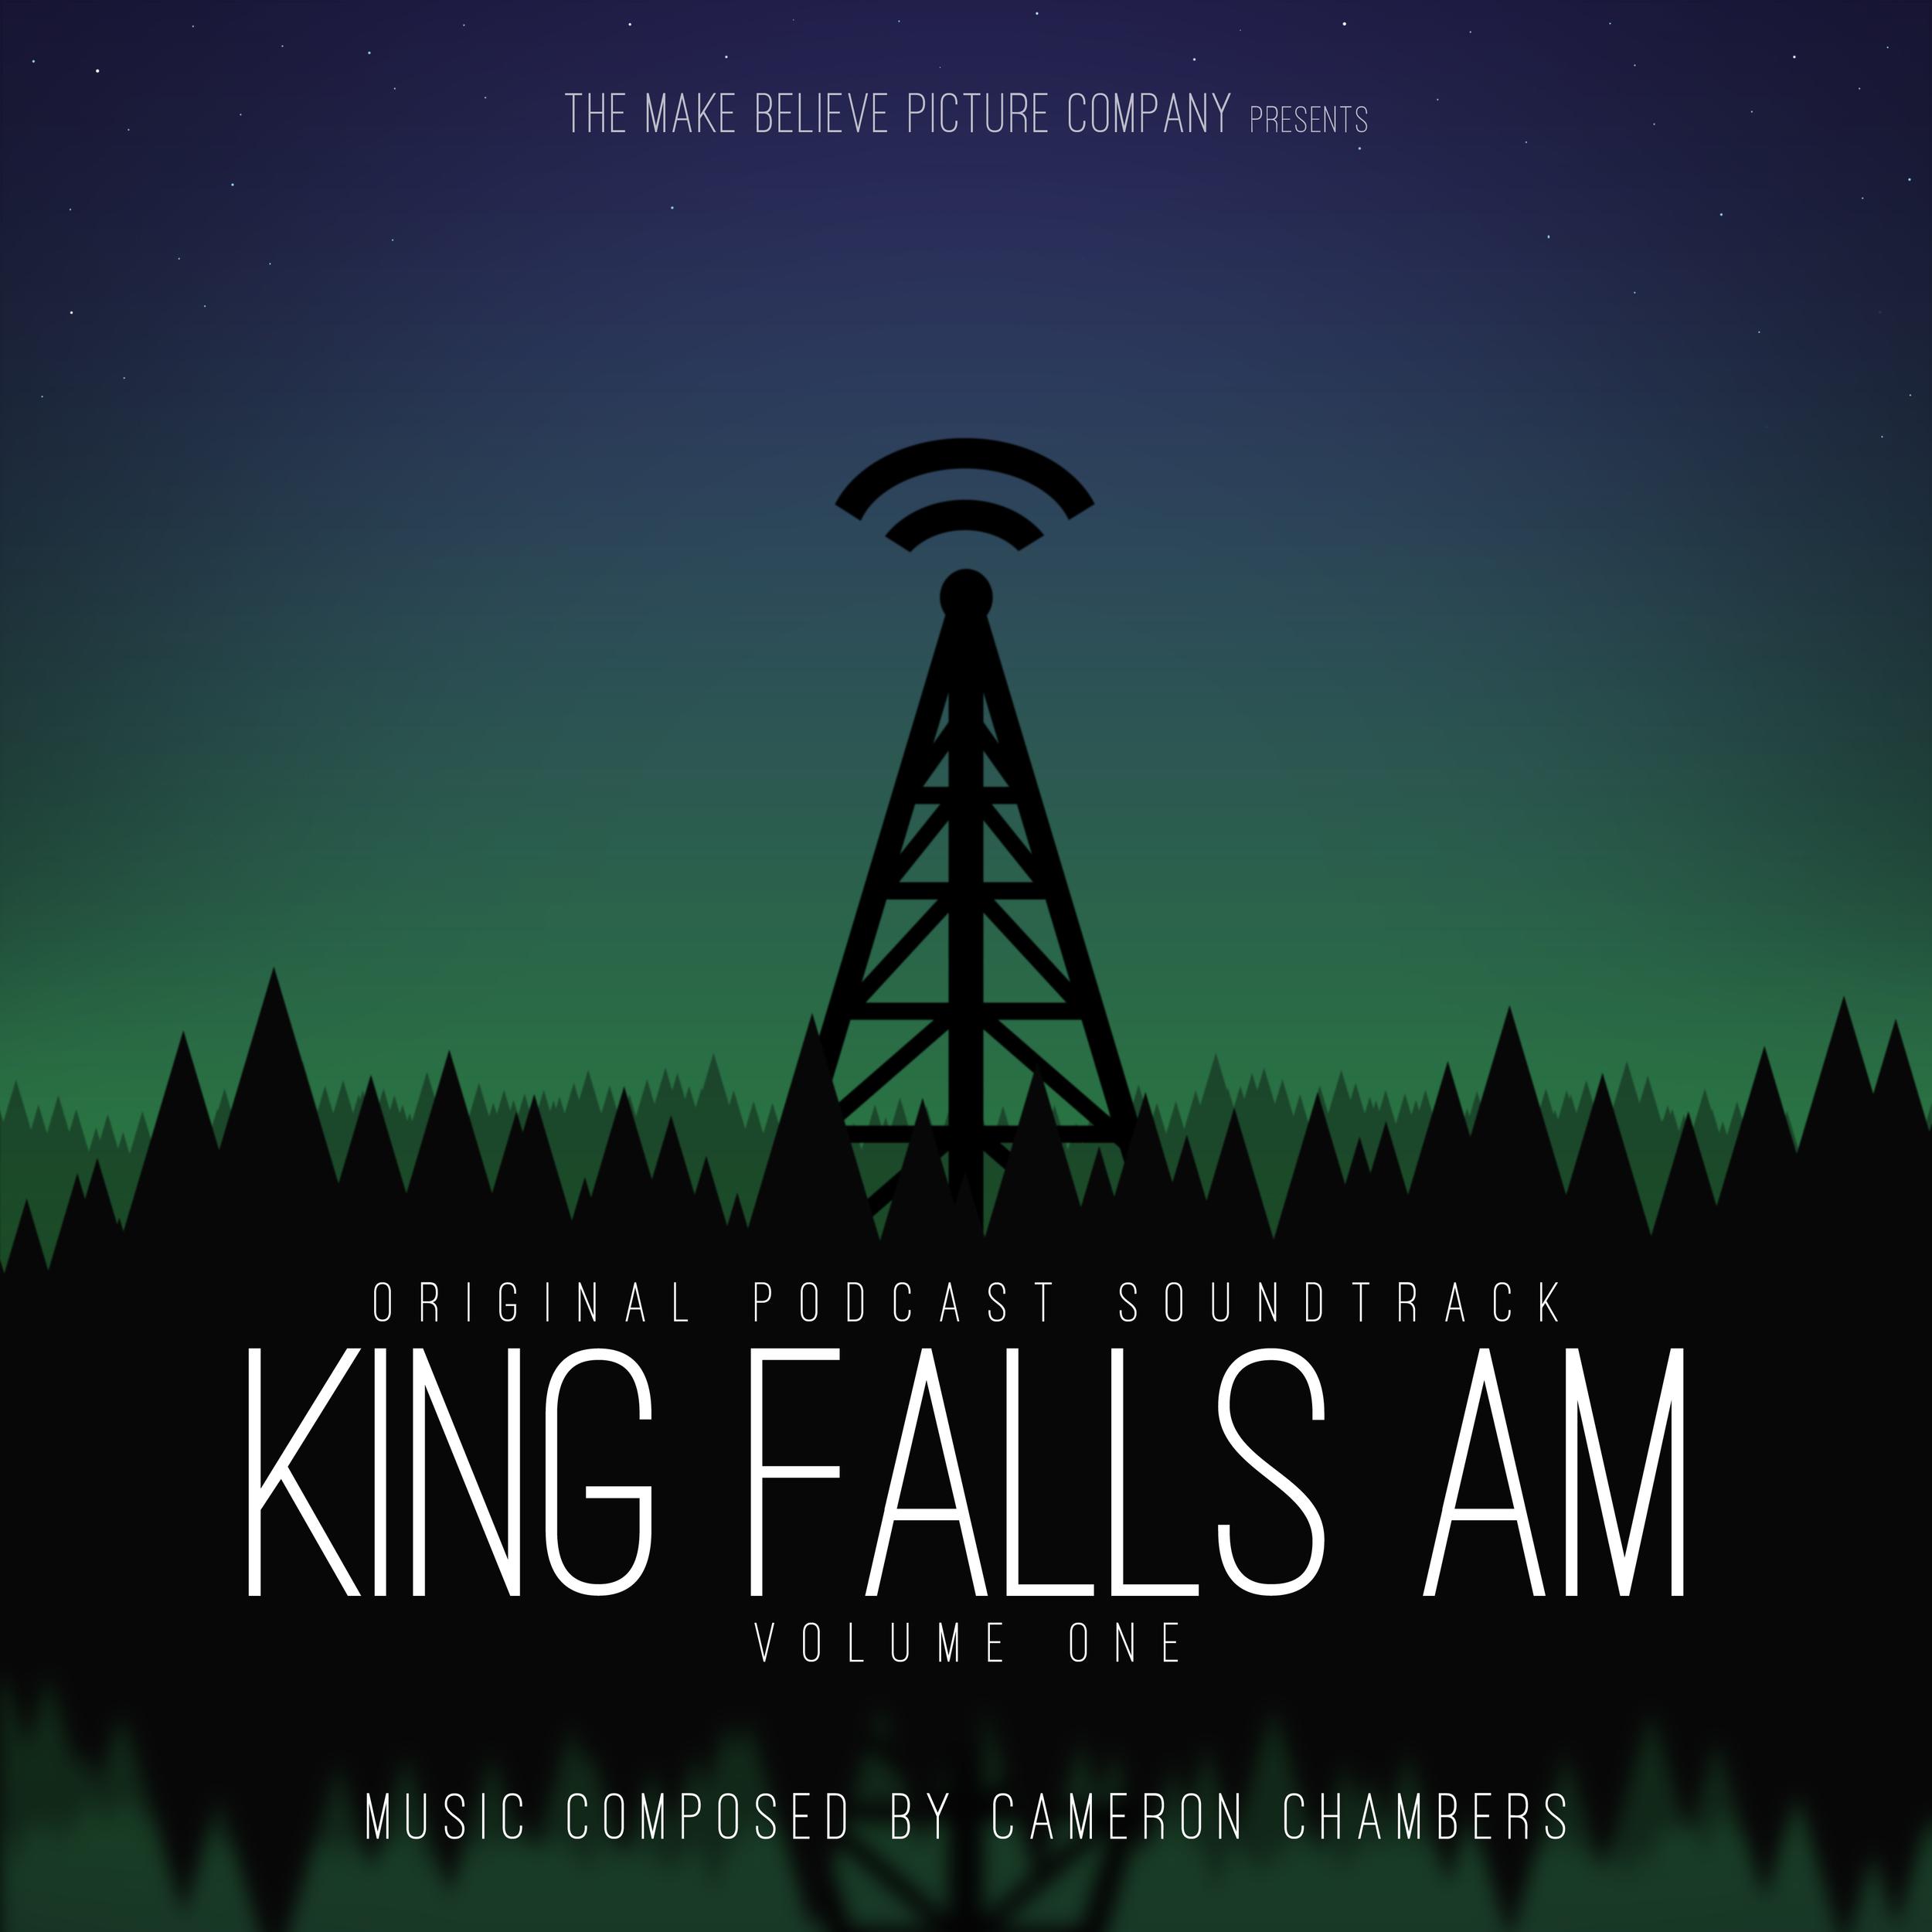 KingFallsAMVol1HD.png